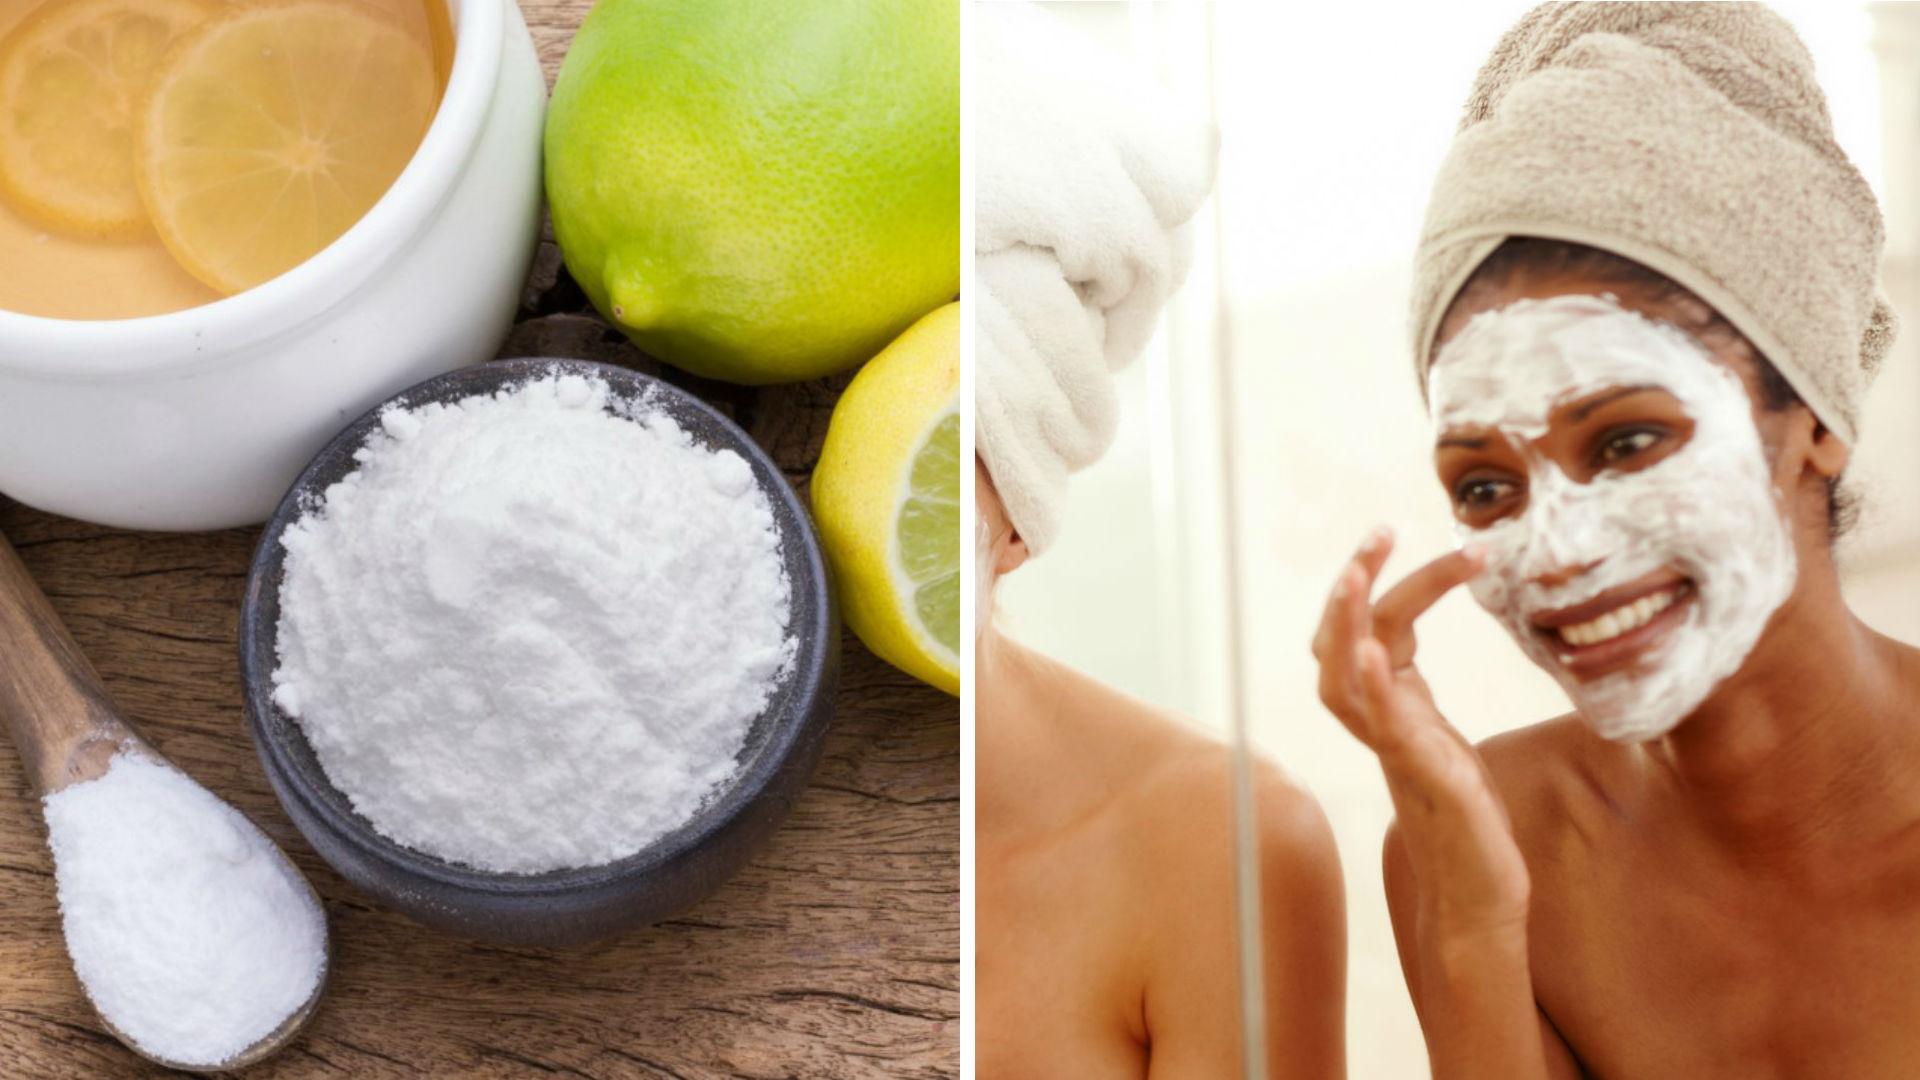 Mascarillas de bicarbonato de sodio para combatir la piel grasosa